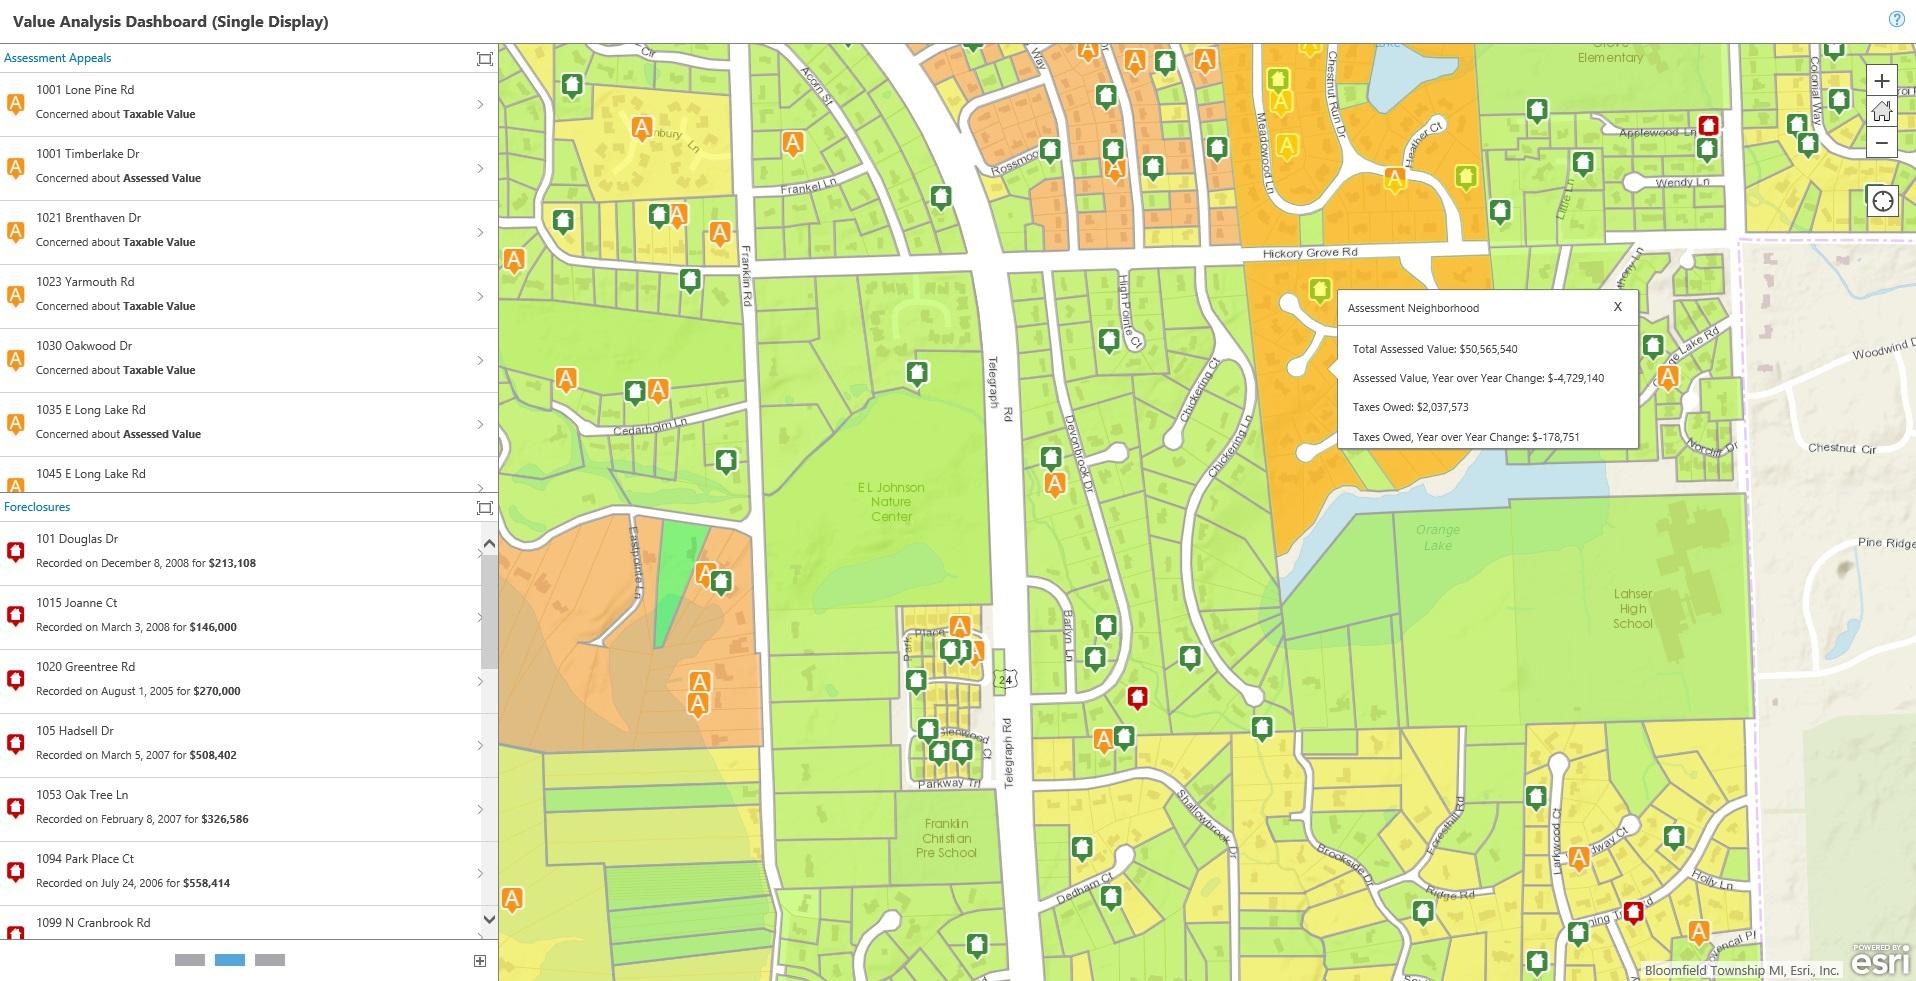 Rys. 3. Asesorzy używają pulpitów menedżerskich i narzędzi opartych na mapach, aby zrozumieć trendy i wzorce wyceny nieruchomości.